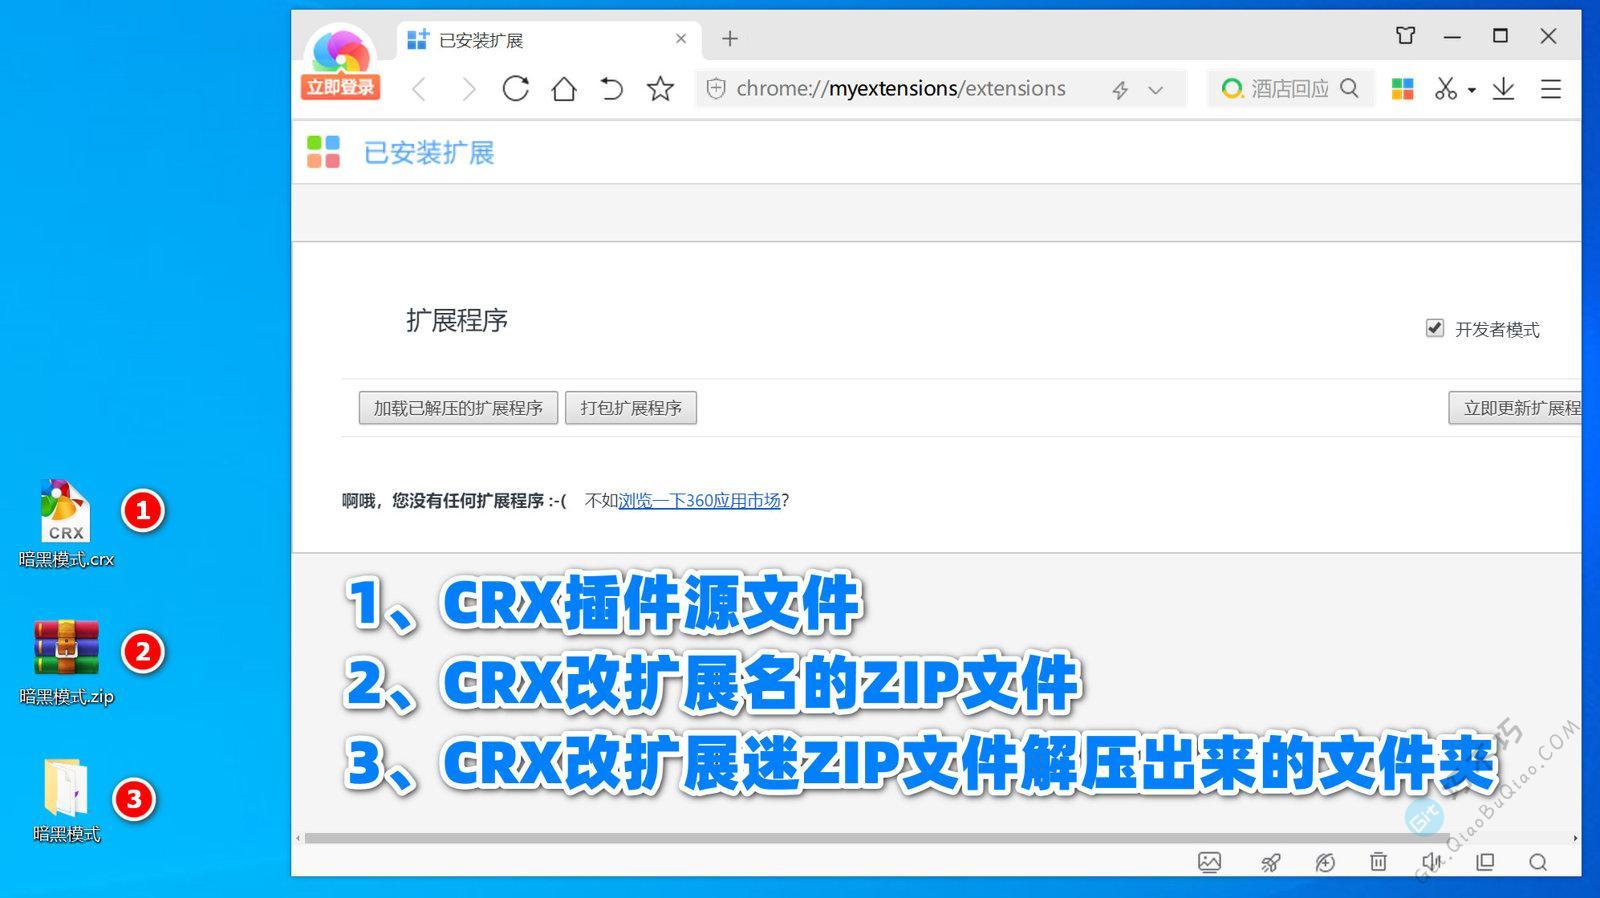 """60极速浏览器安装扩展和crx插件的图文教程"""""""